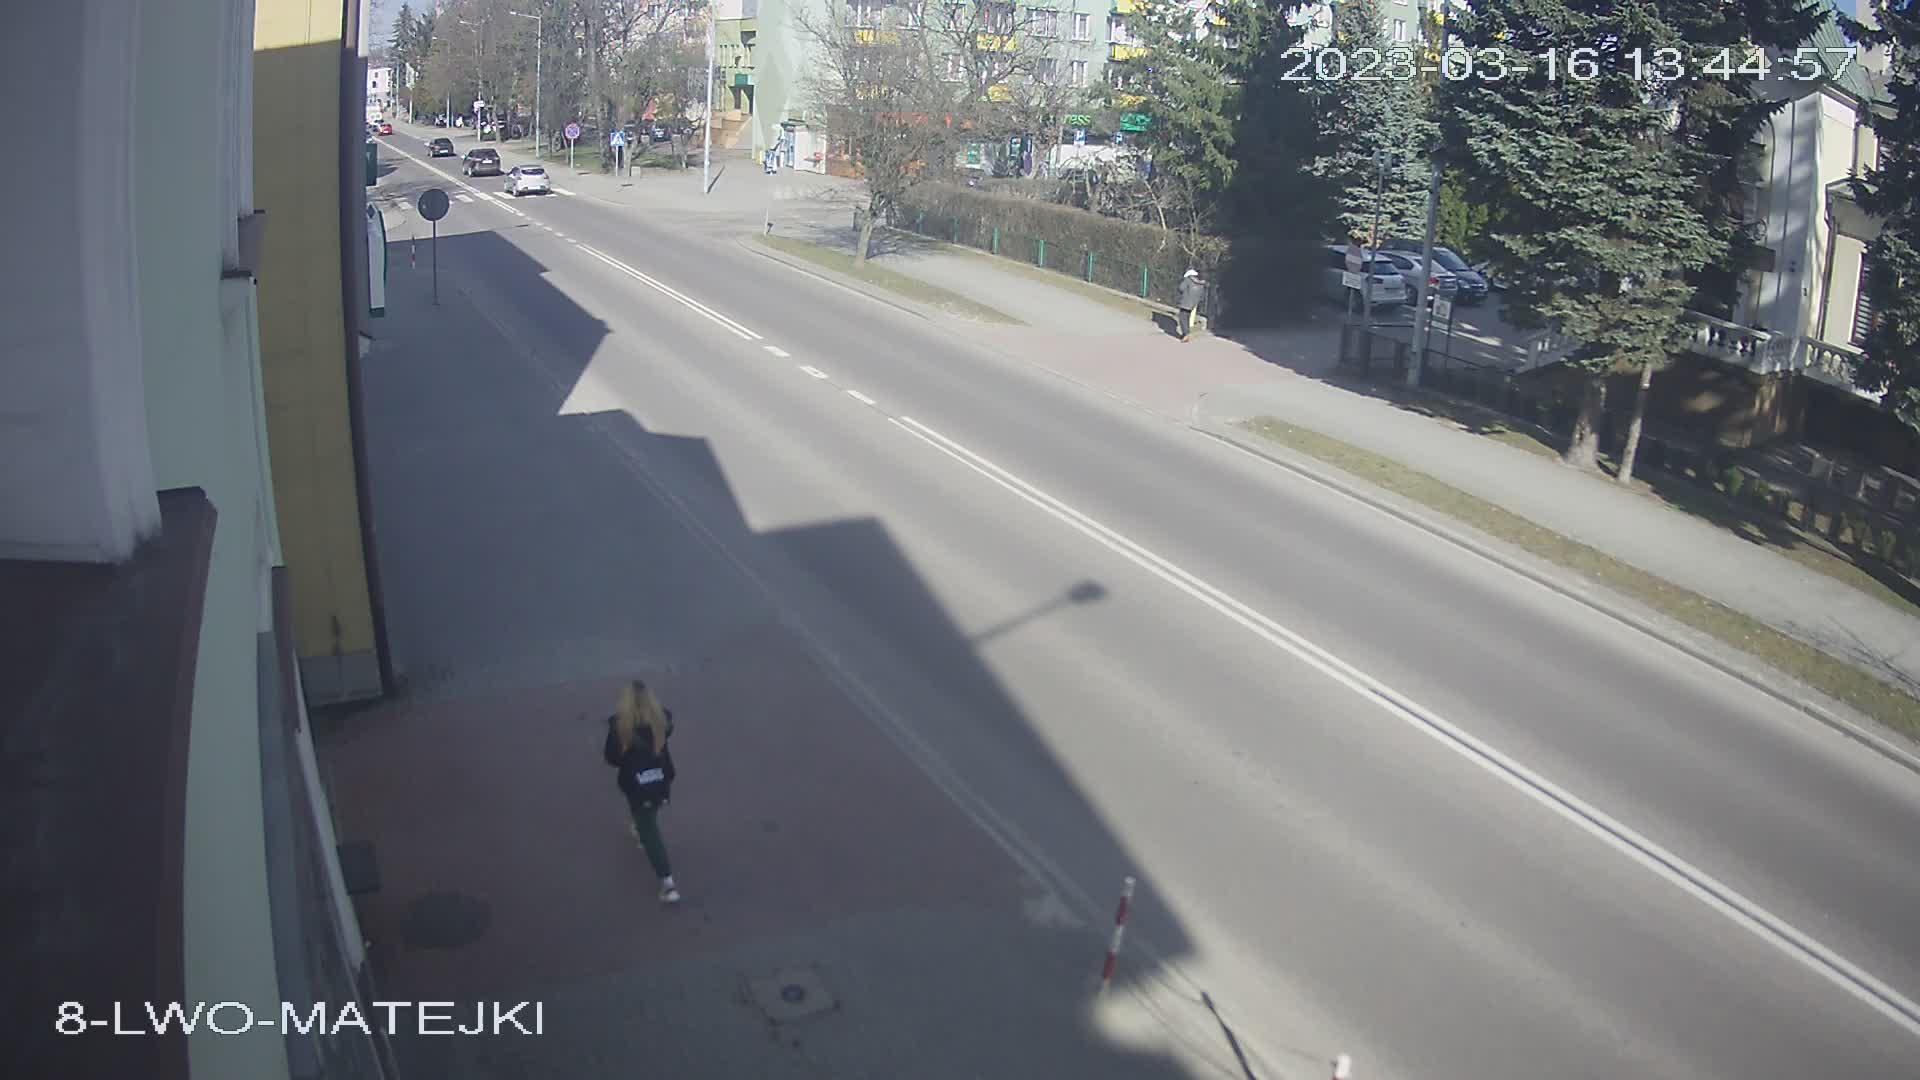 Kamera Smocza Jama, ulica Lwowska 64 - kierunek Rynek w Tomaszowie Lubelskim